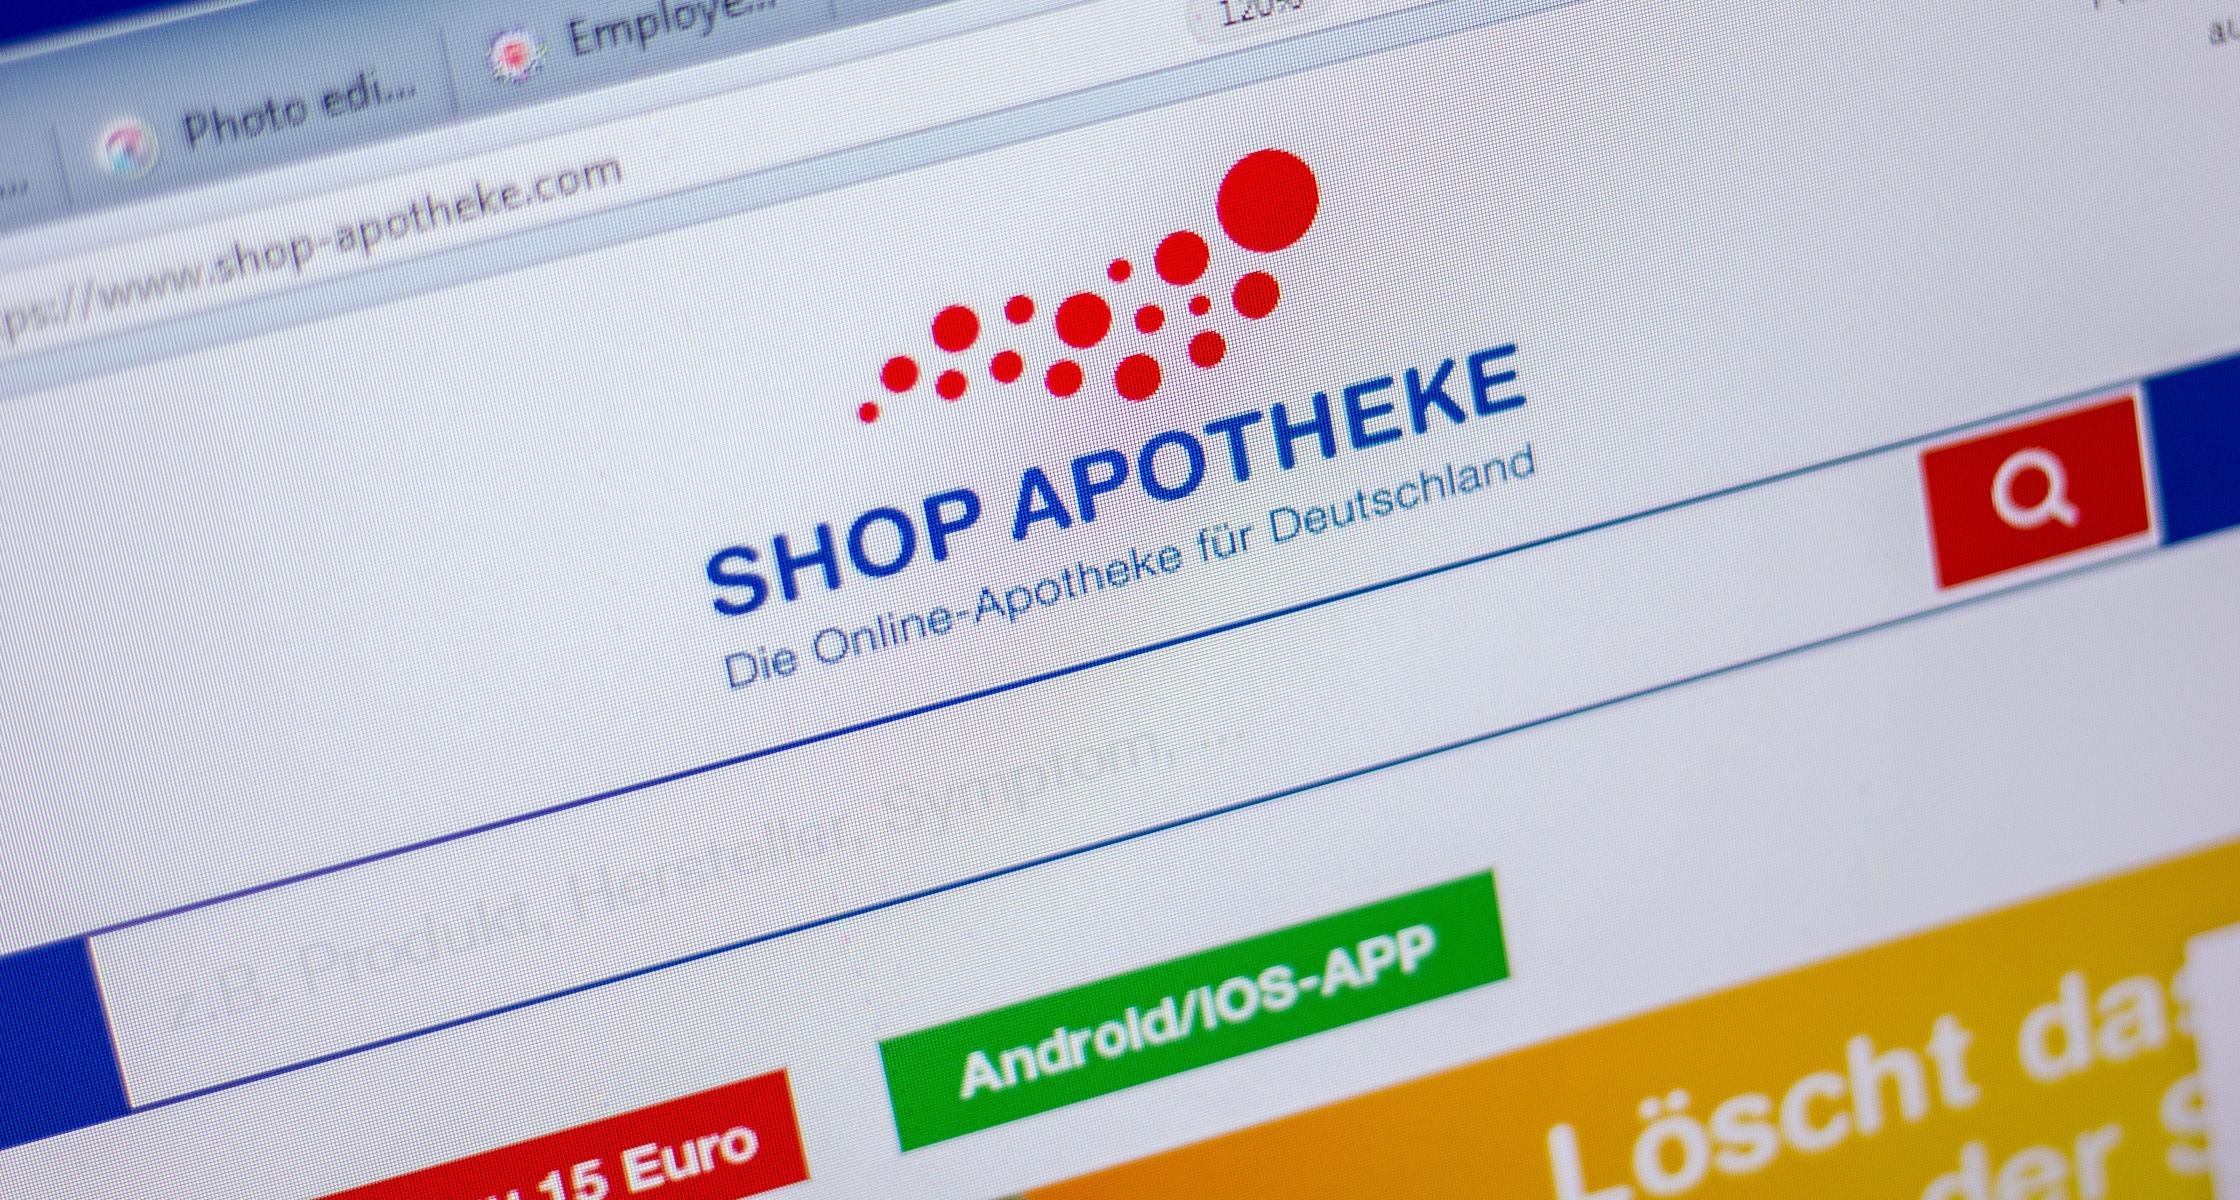 Shop Apotheke übernimmt Smartpatient